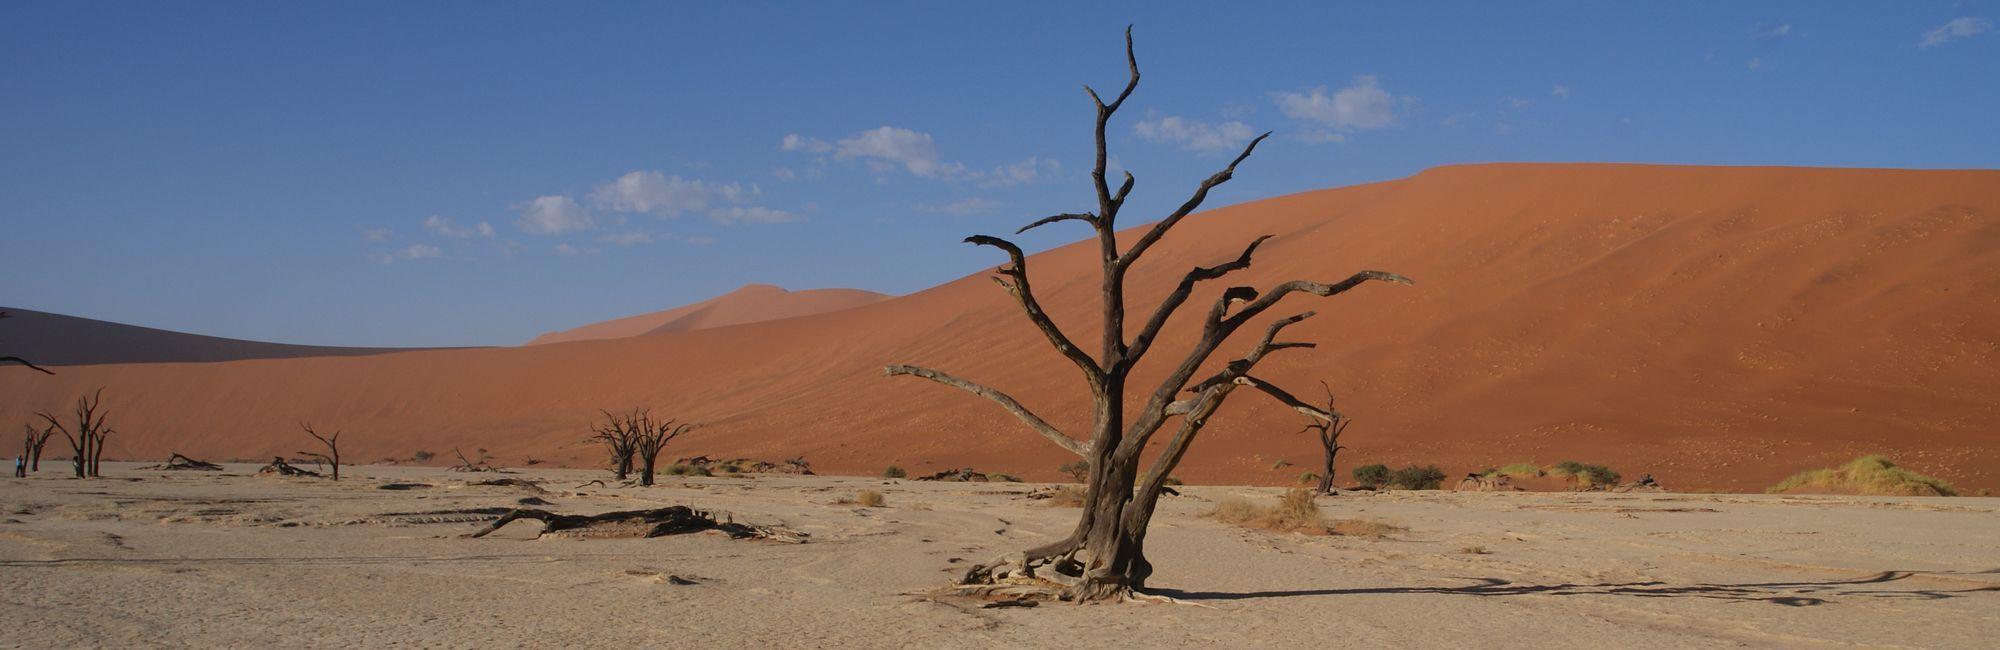 Namibie rode duinen